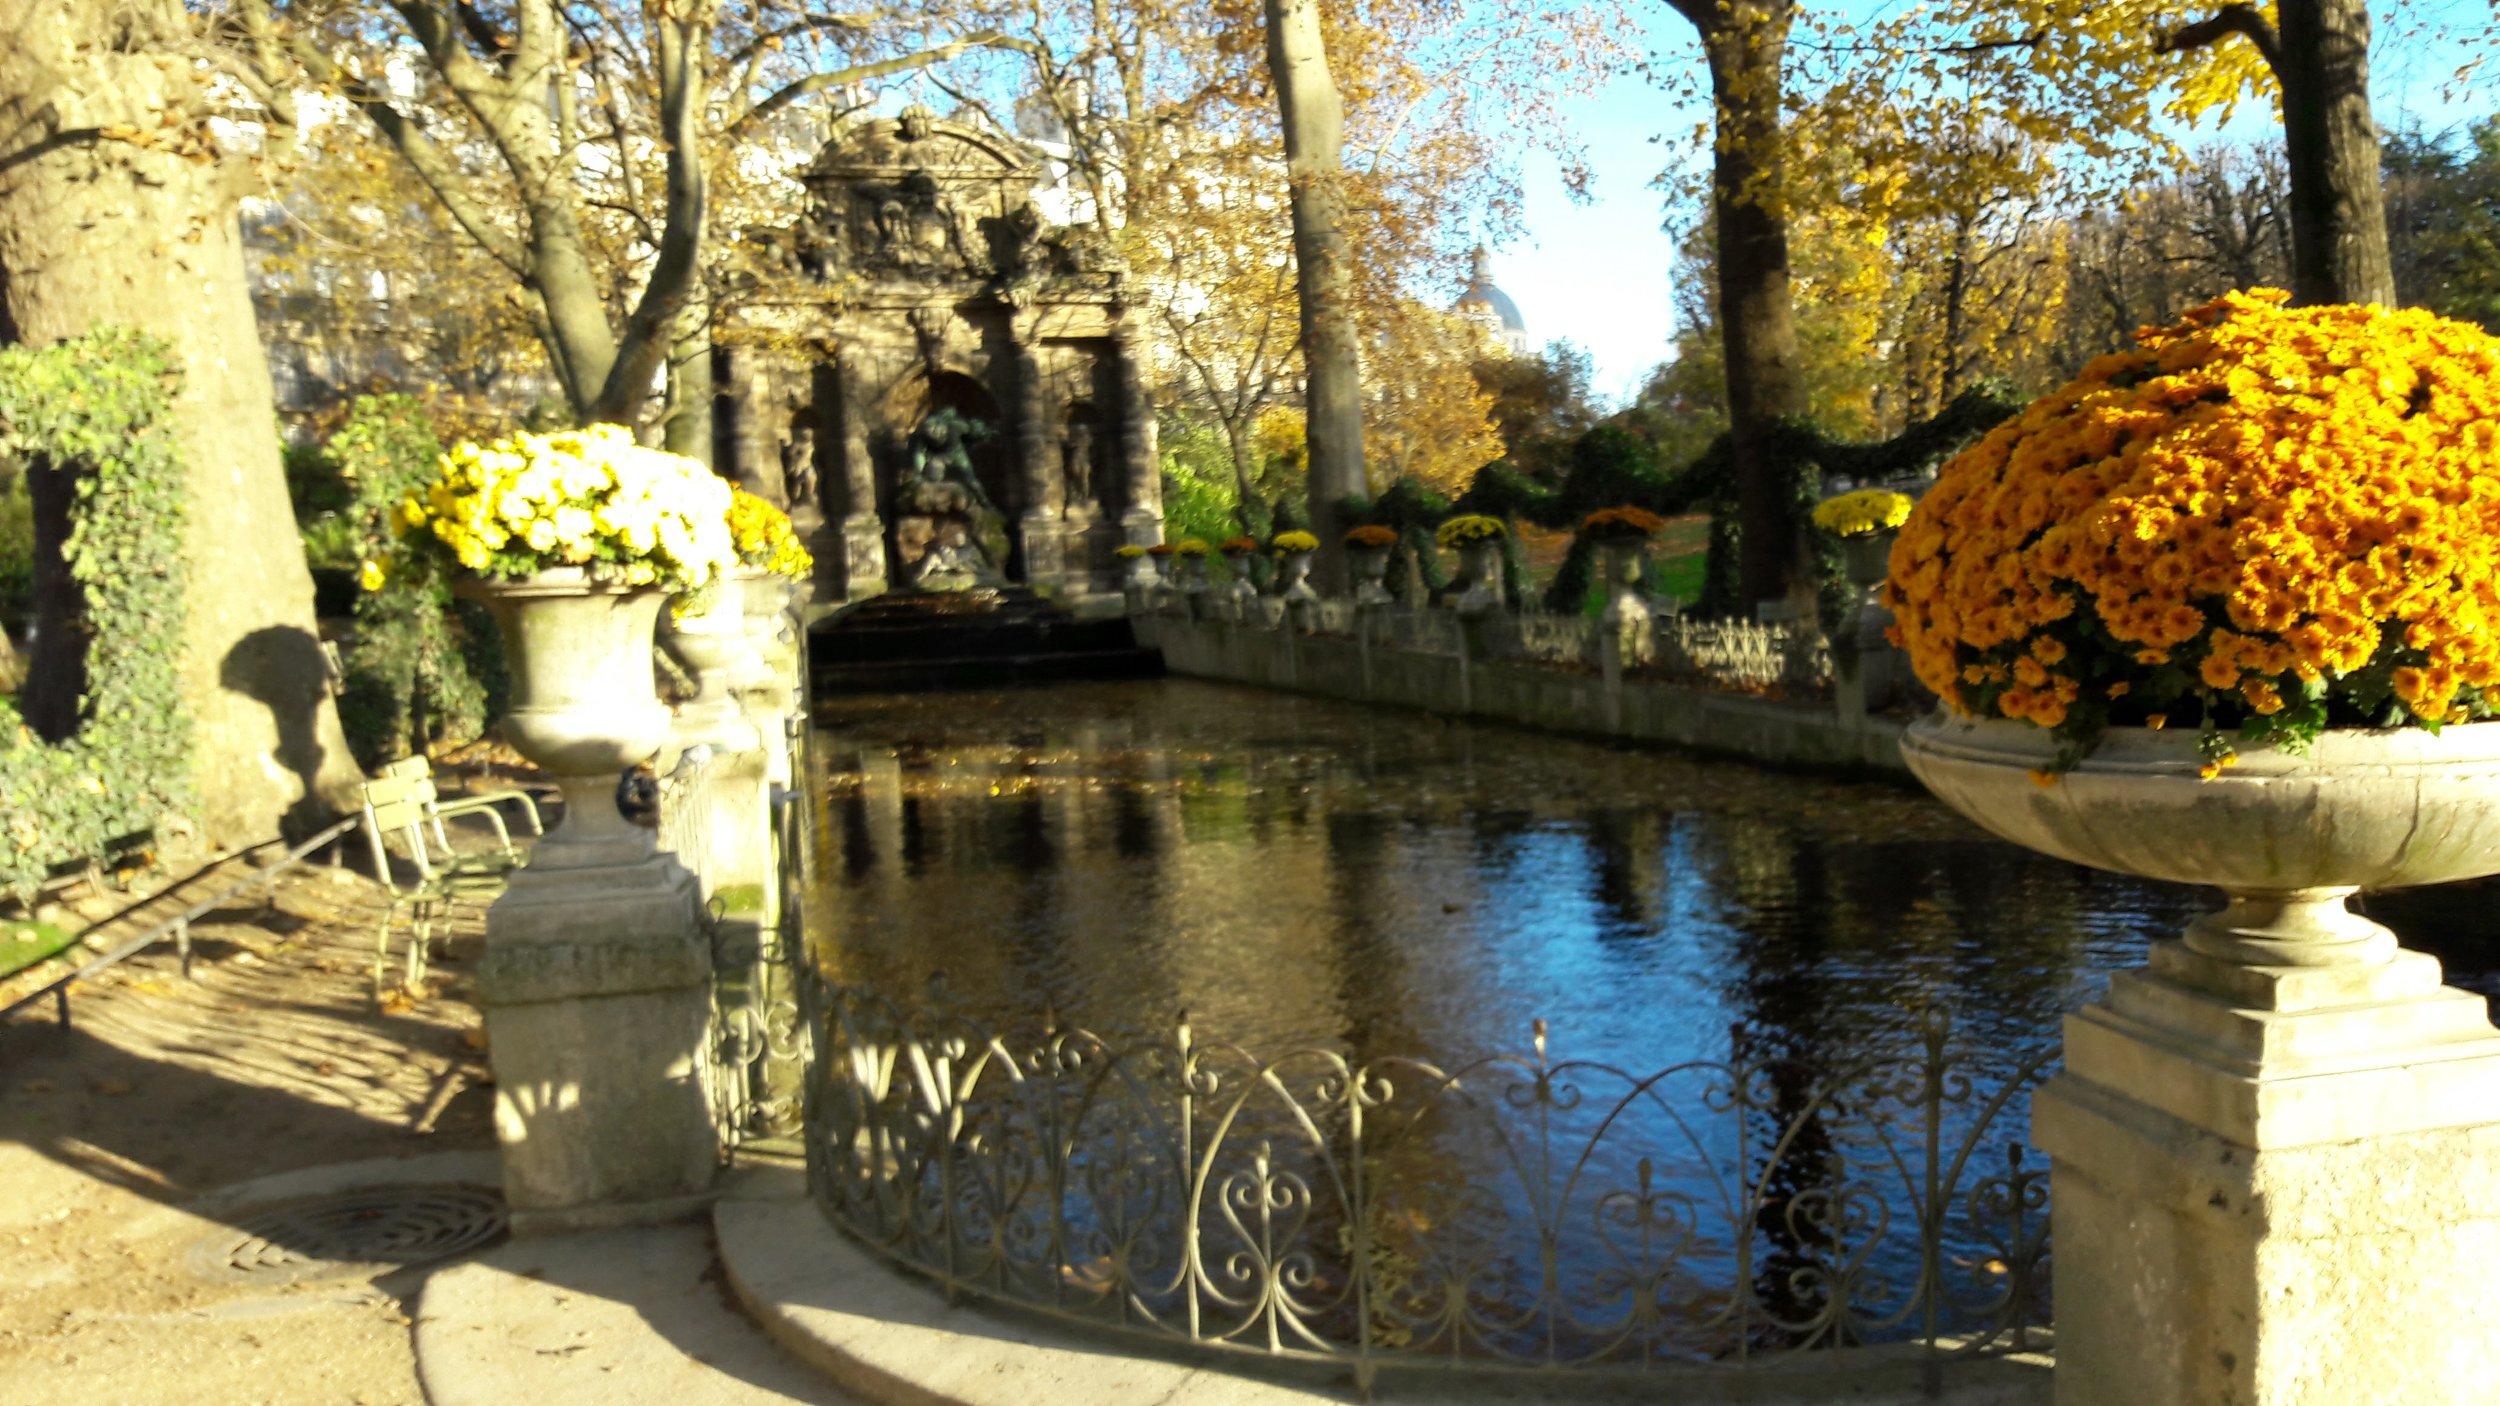 A golden garden ready for November.